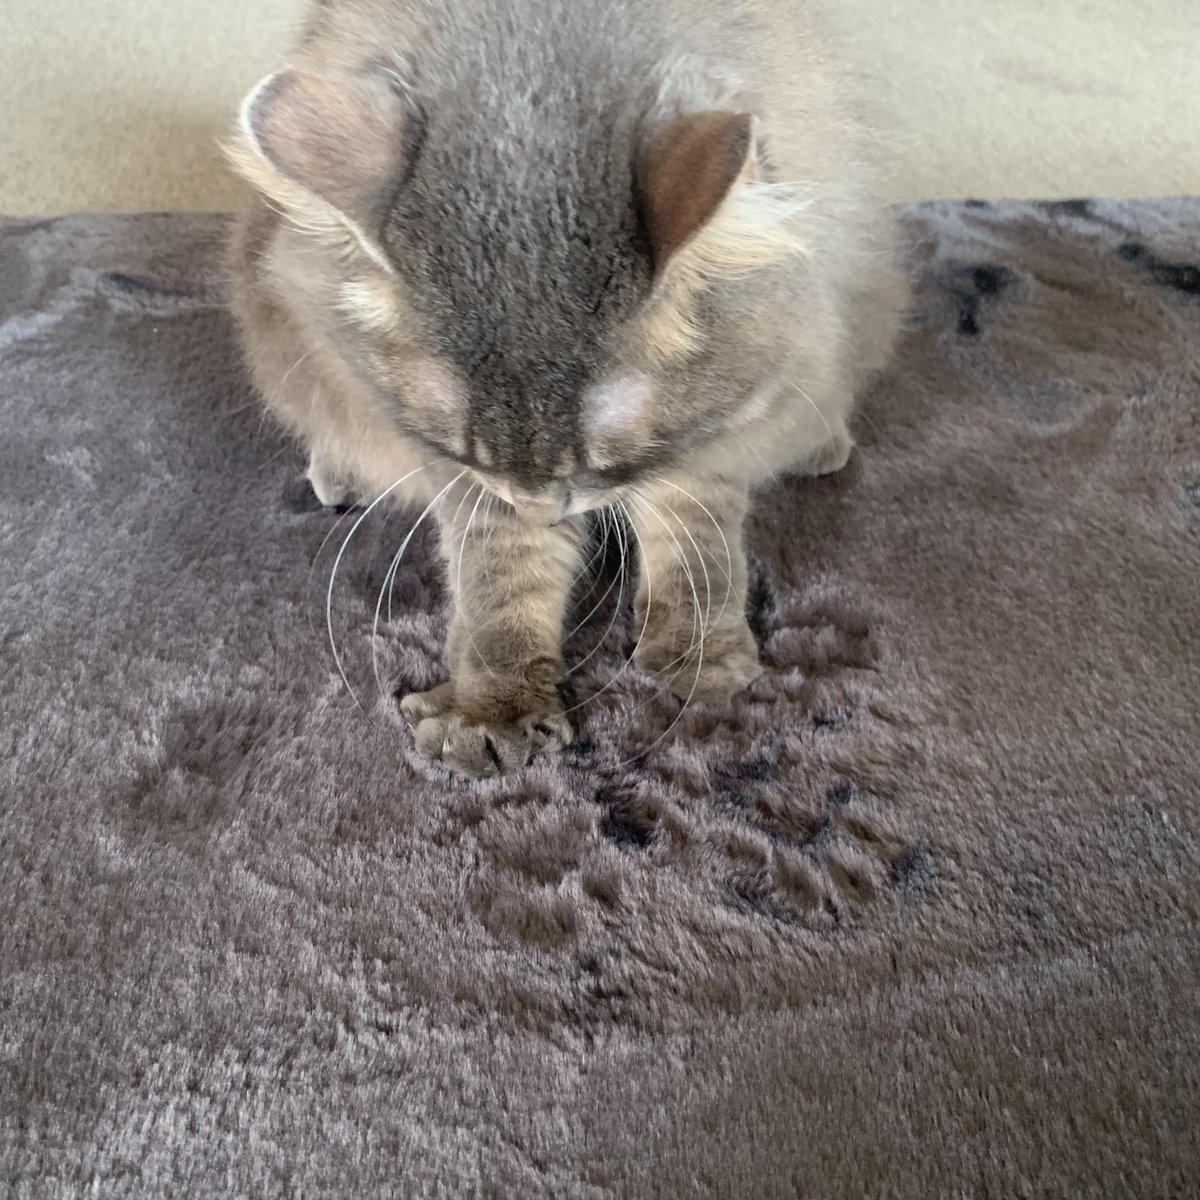 ふかふかのカーペットにしたらカーペットで職人芸披露してくれるようになったんだけど跡がつく かわいい